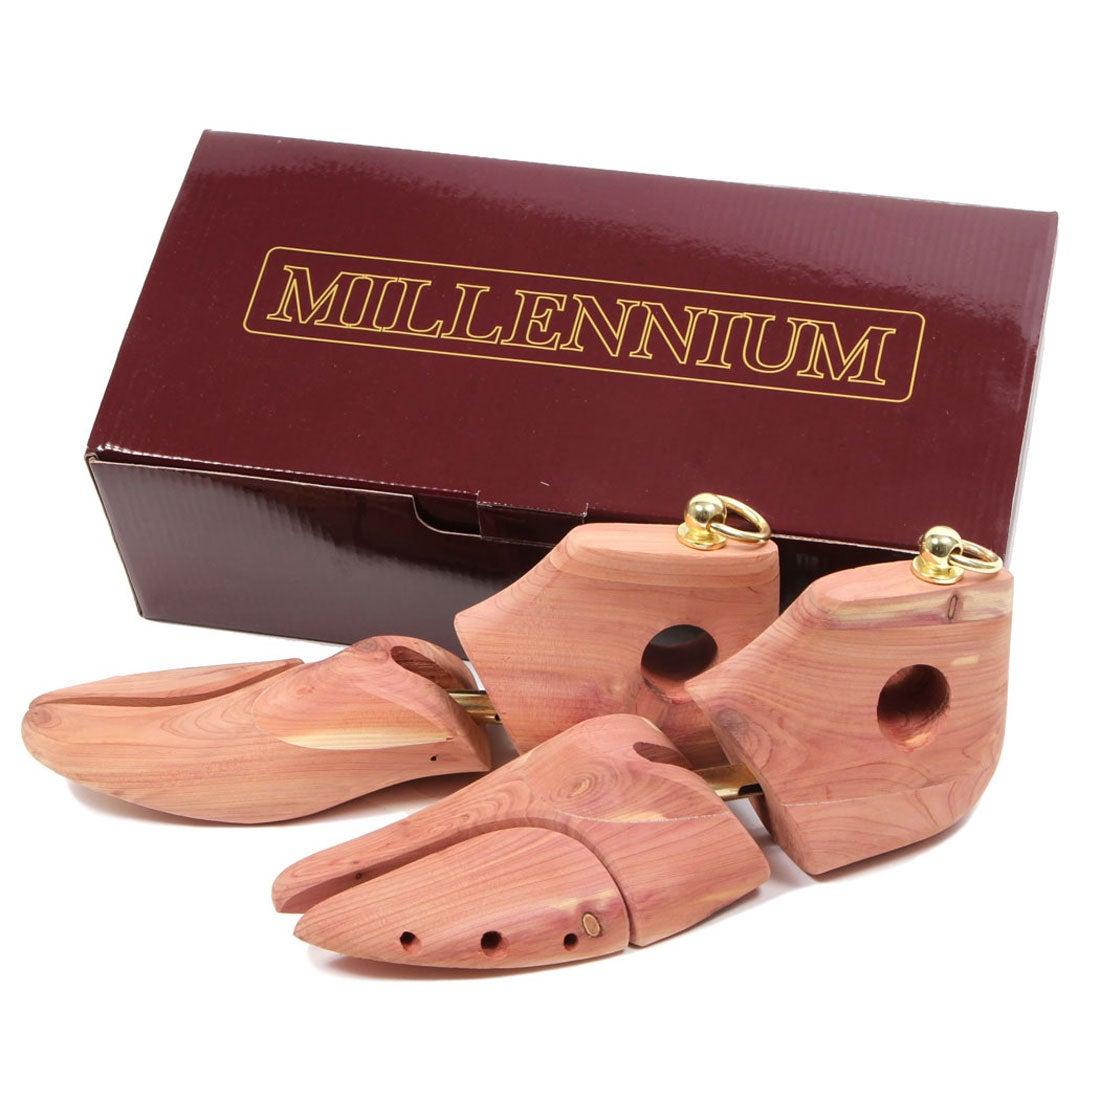 バックヤードファミリー BACKYARD FAMILY ブーツ用シダーシューツリー (在庫品)